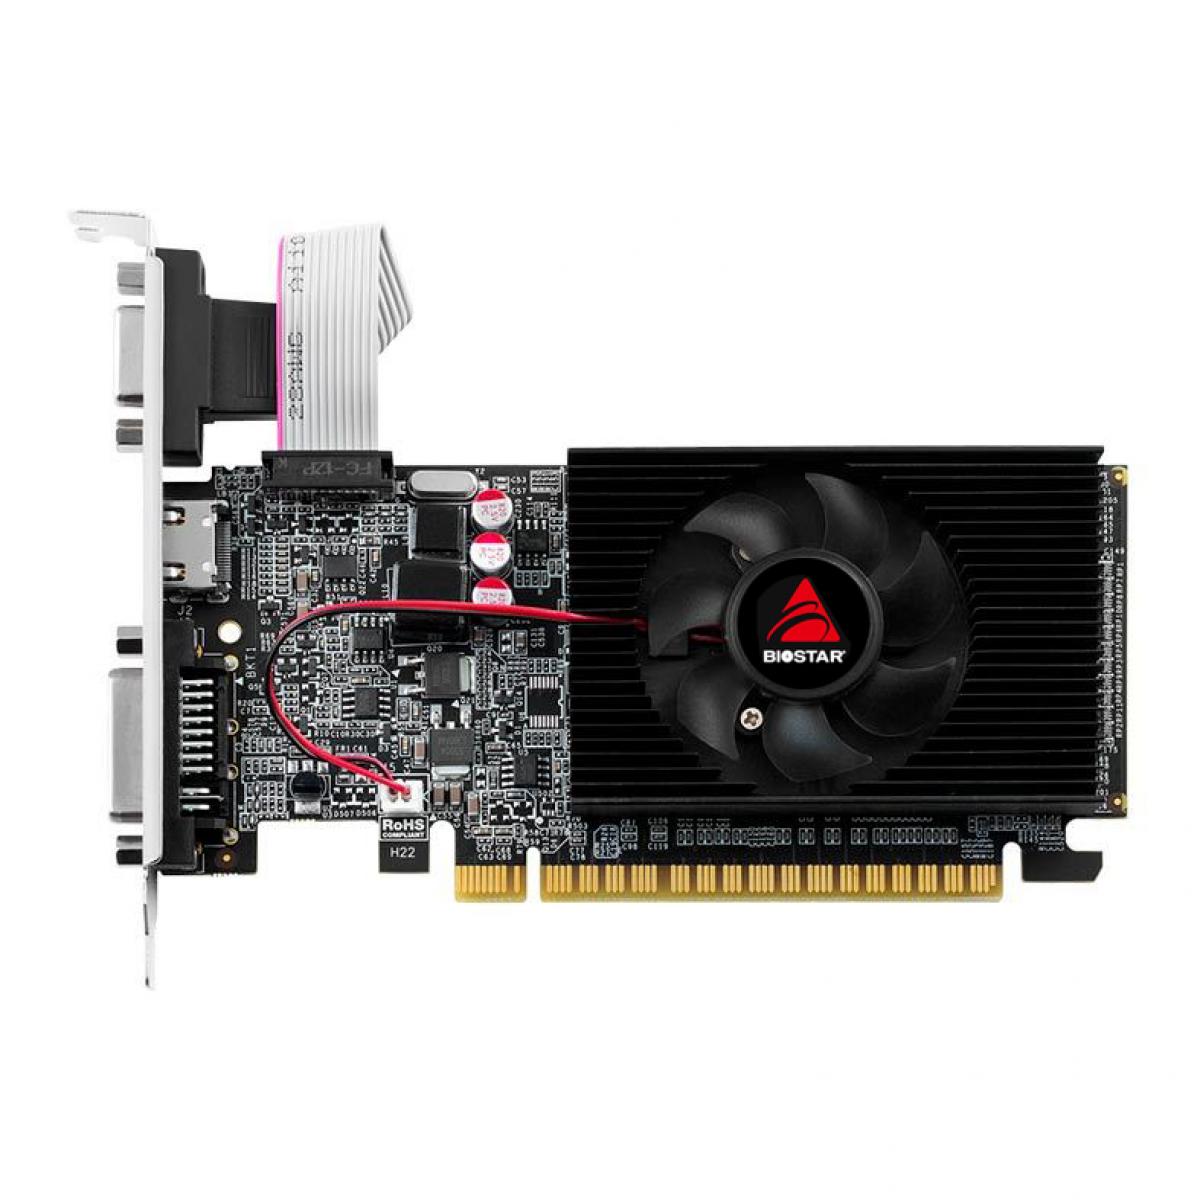 Placa de Vídeo Biostar, GeForce, GT 710, 2GB, GDDR3, 64bit, VN7103THX6-TBARL-BS2